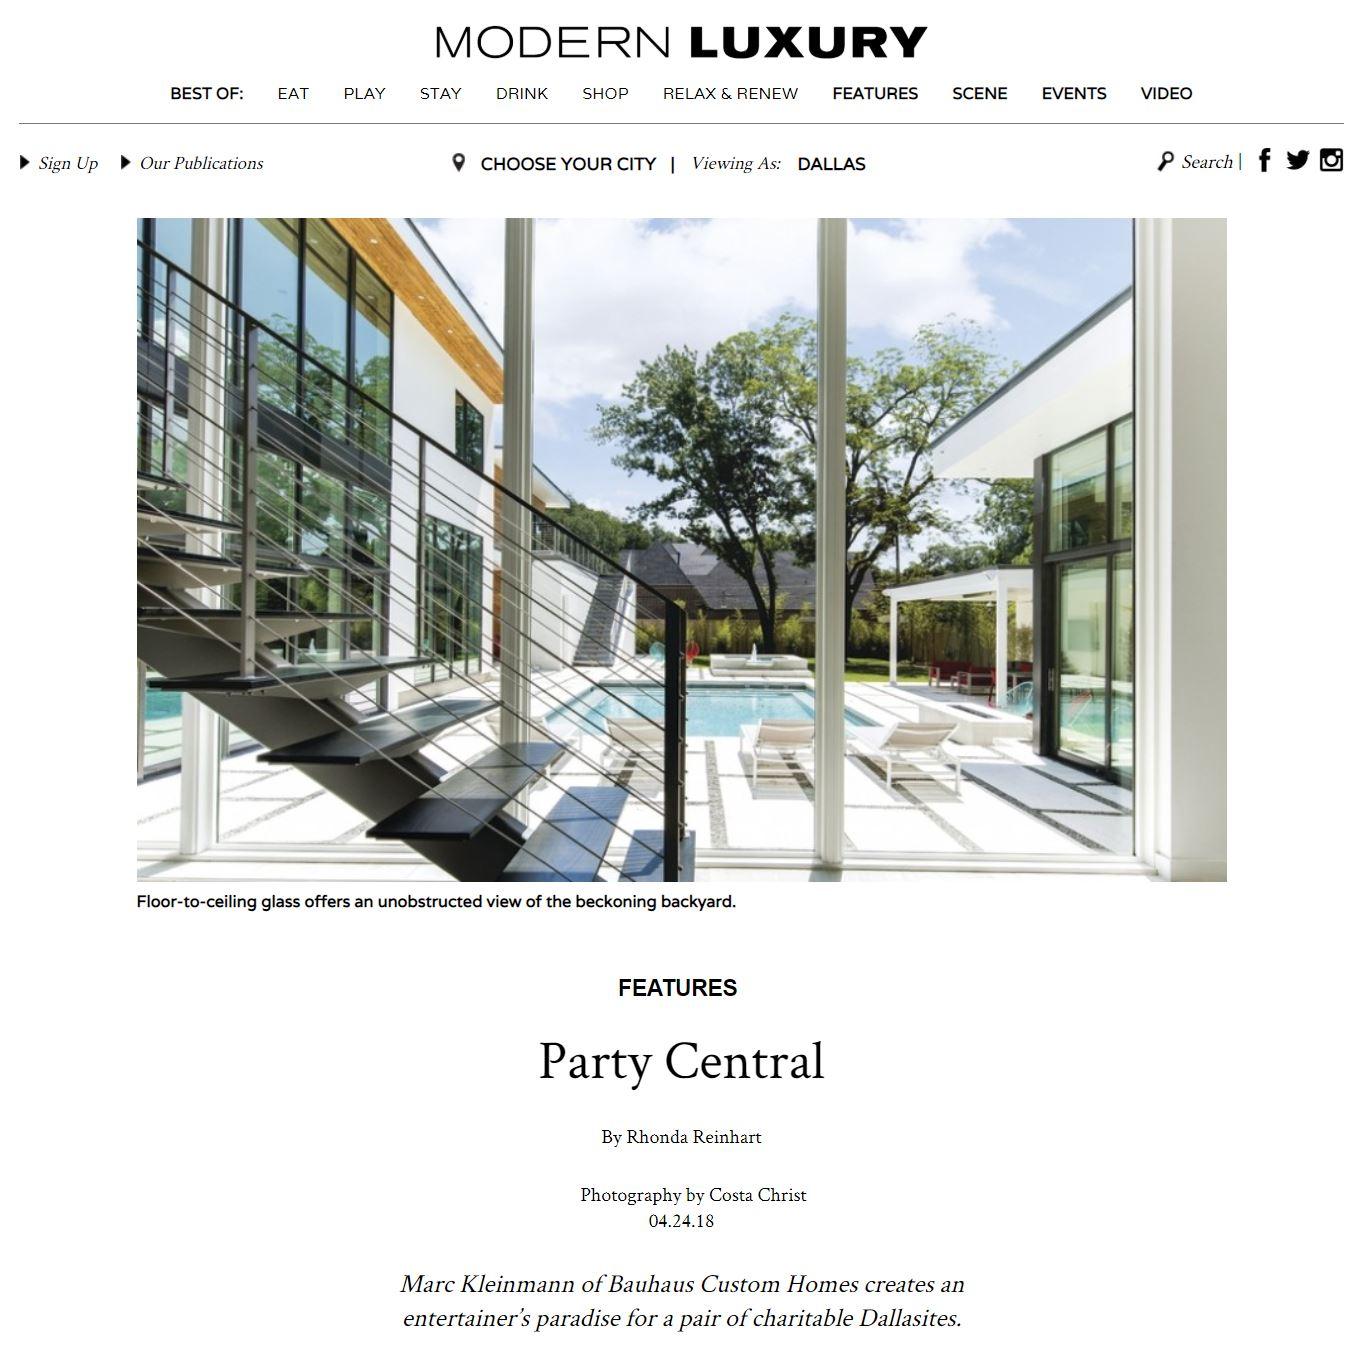 ModernLuxury_PartyCentral_Jetsetter.JPG